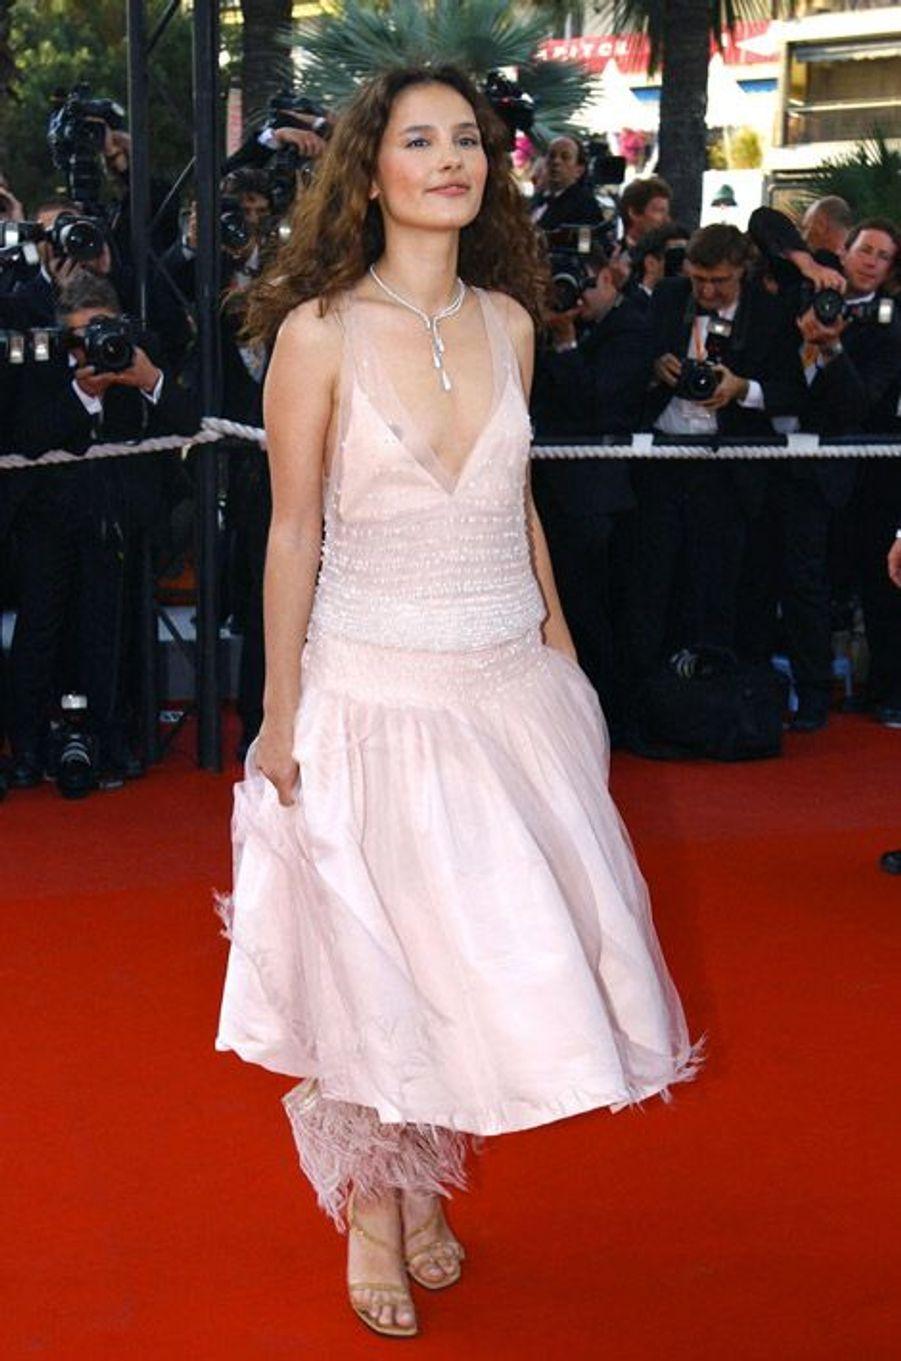 Une jeune femme radieuse lors du festival de Cannes en 2003